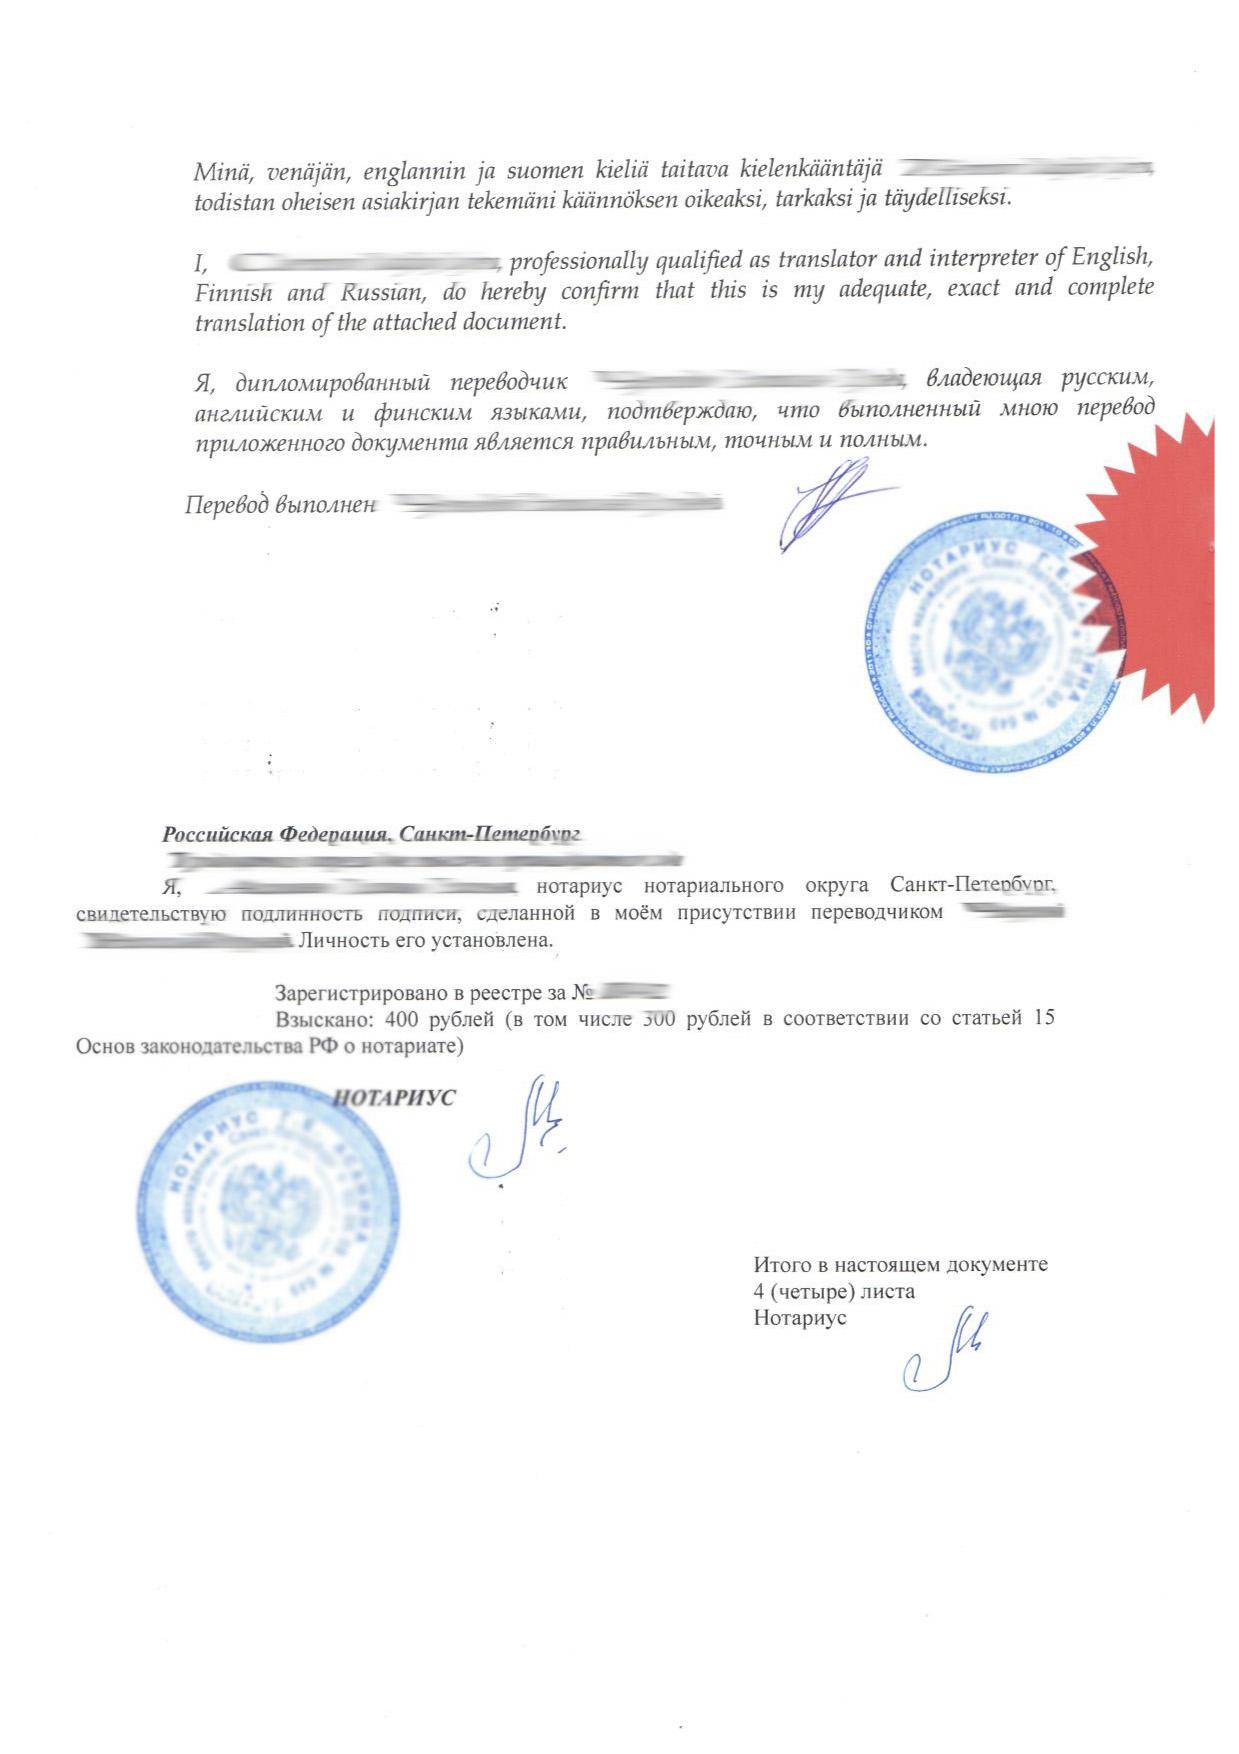 бланк декларации для въезда в латвию